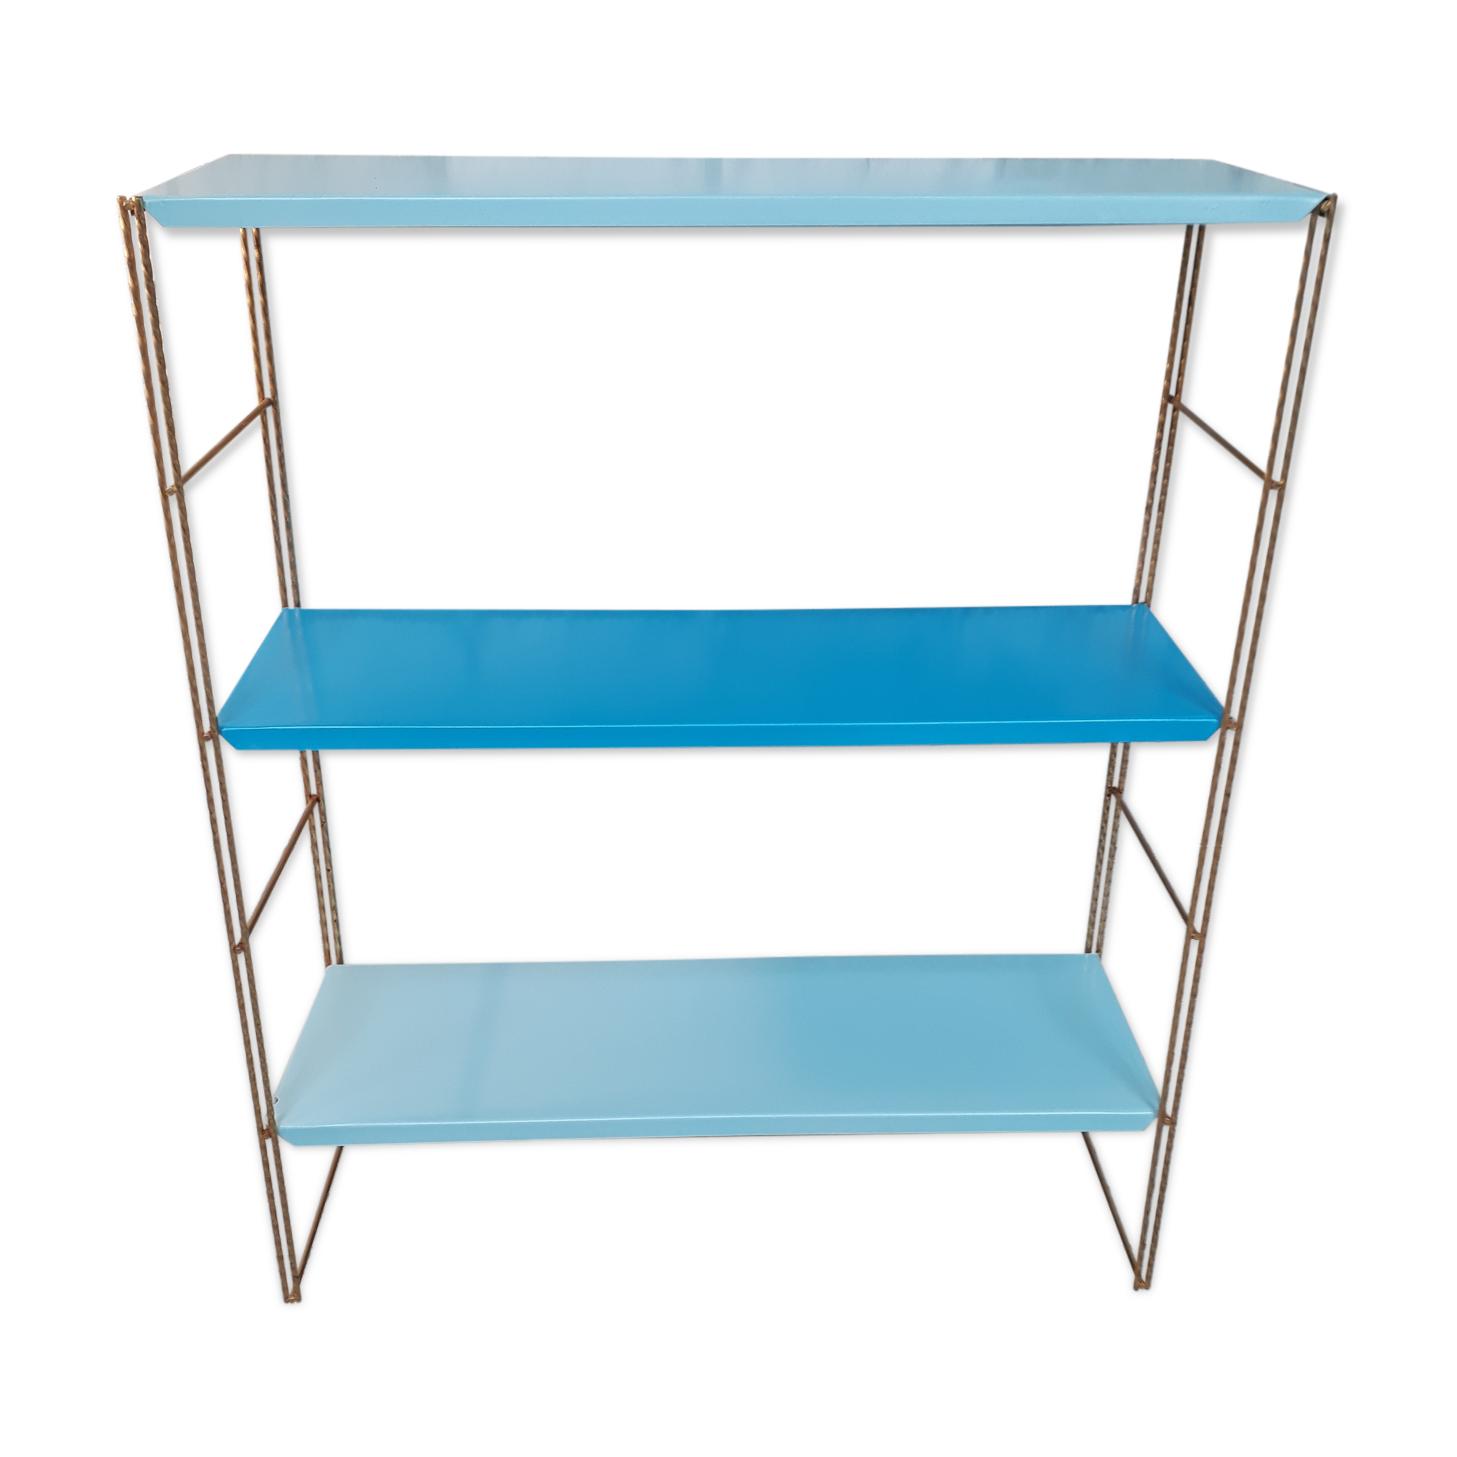 Étagère métal bleu montant strier or 59x48x16